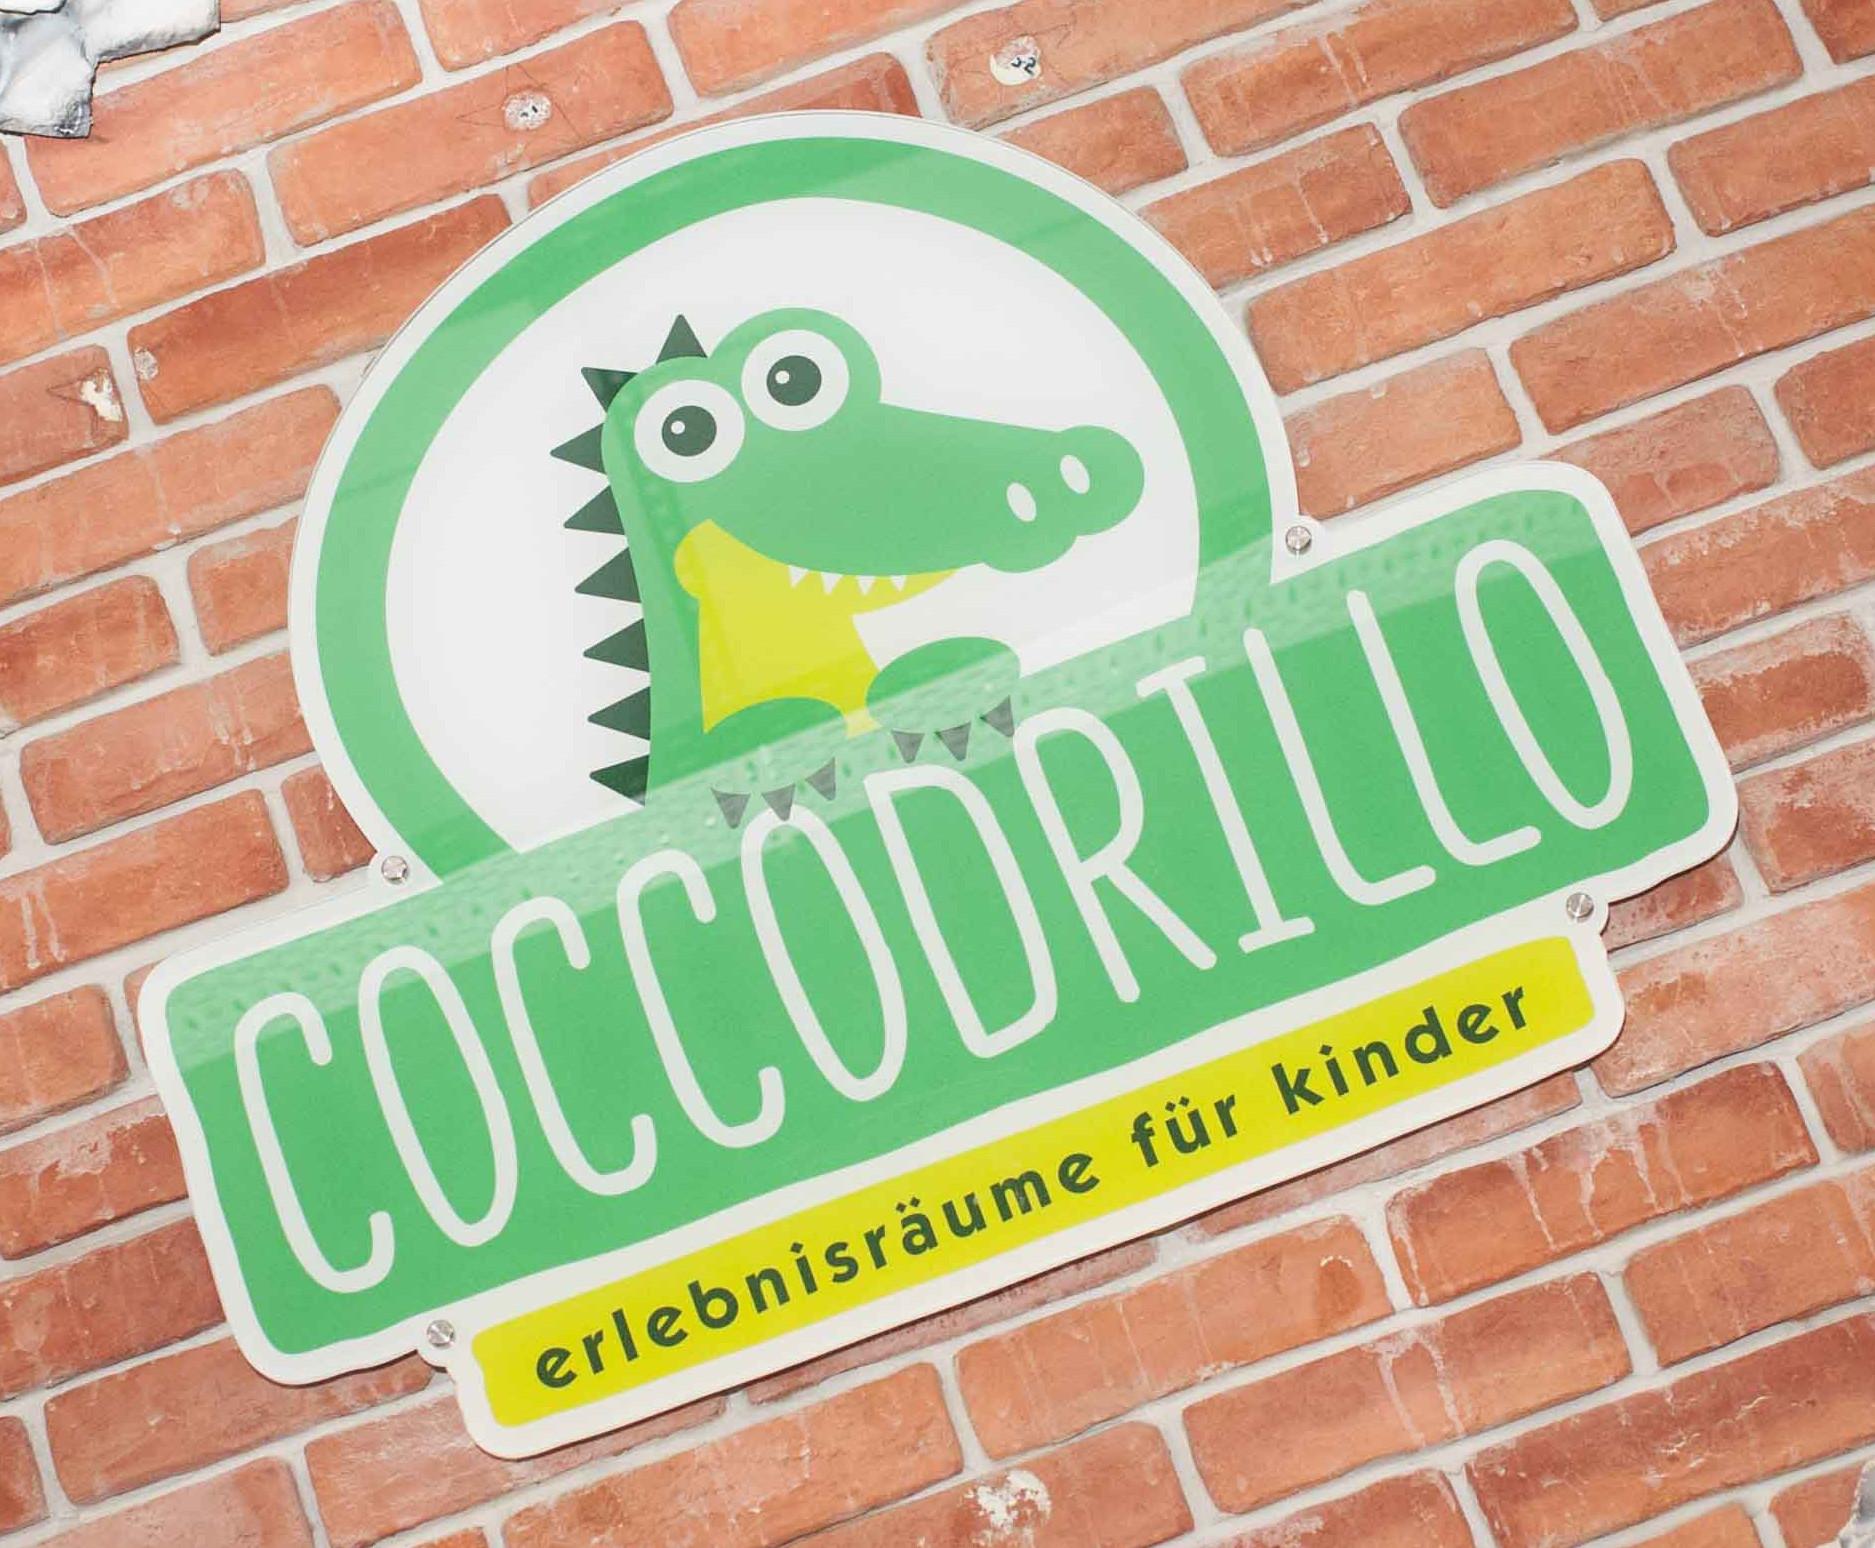 2018-01-05_Coccodrillo Party-verkleinert-4251